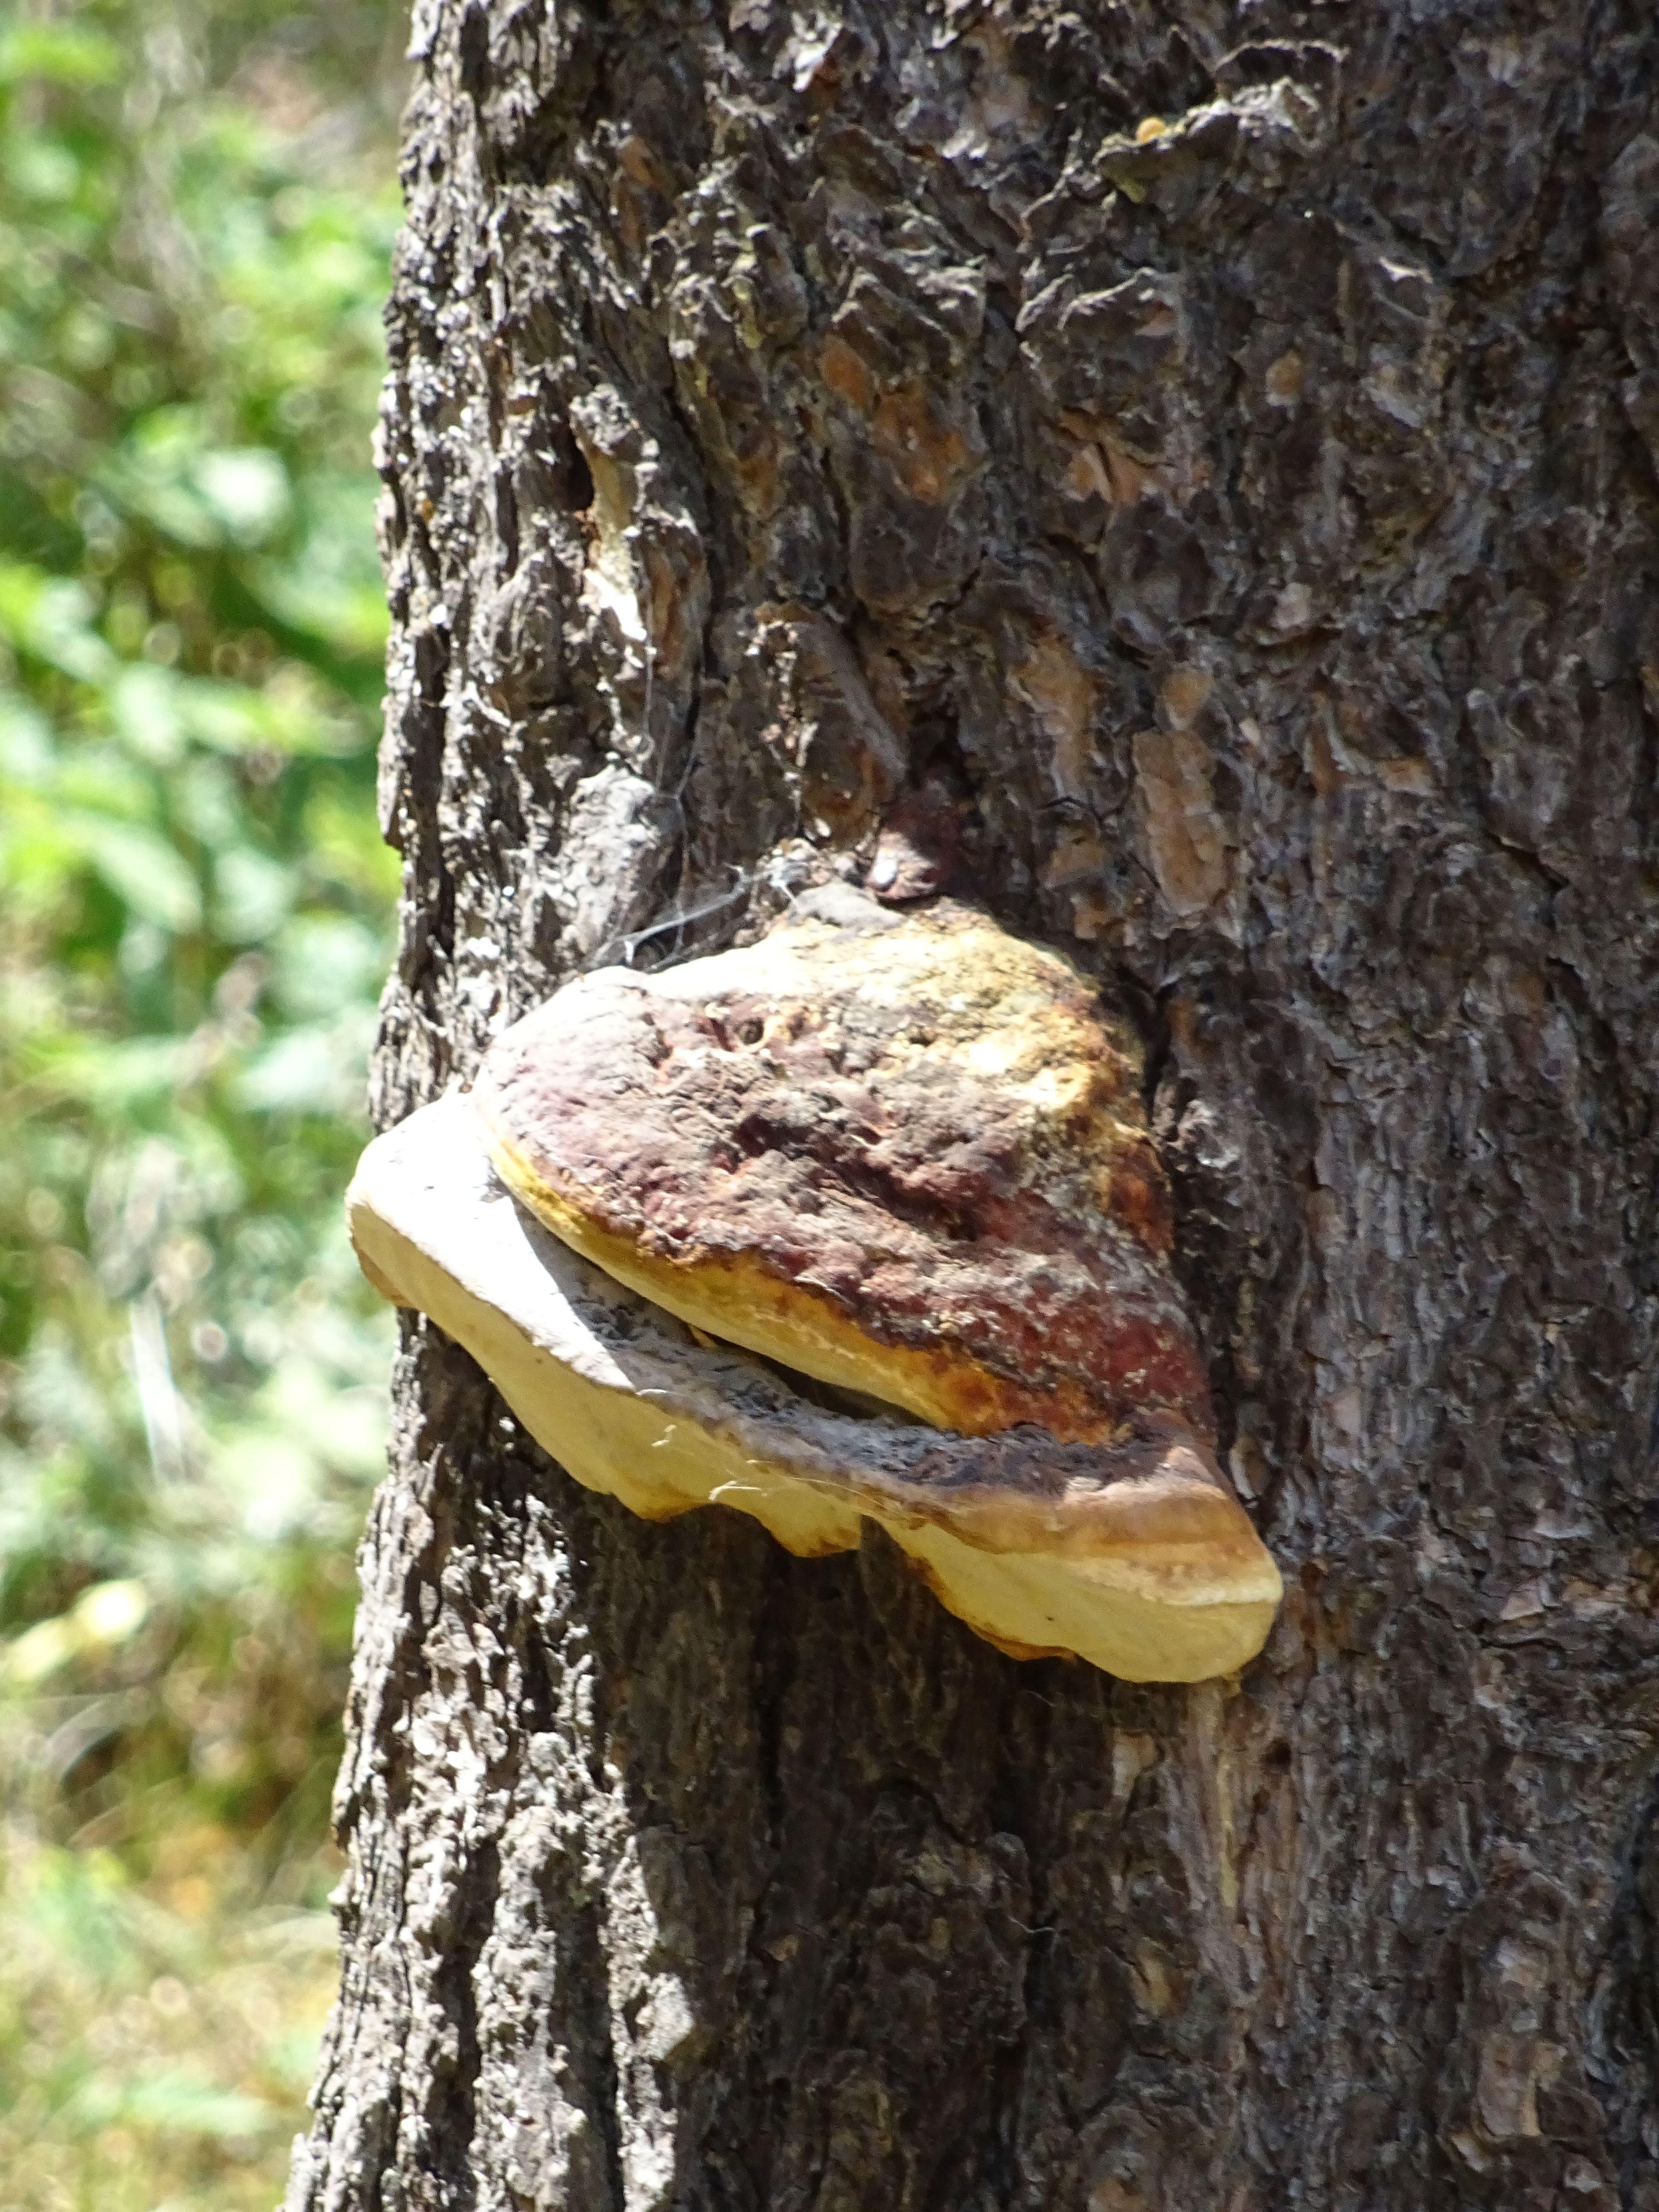 Hongo yesquero, es un hongo que crece en la corteza de los árboles, tiene forma de casco de caballo y se usaba para encender fuegos